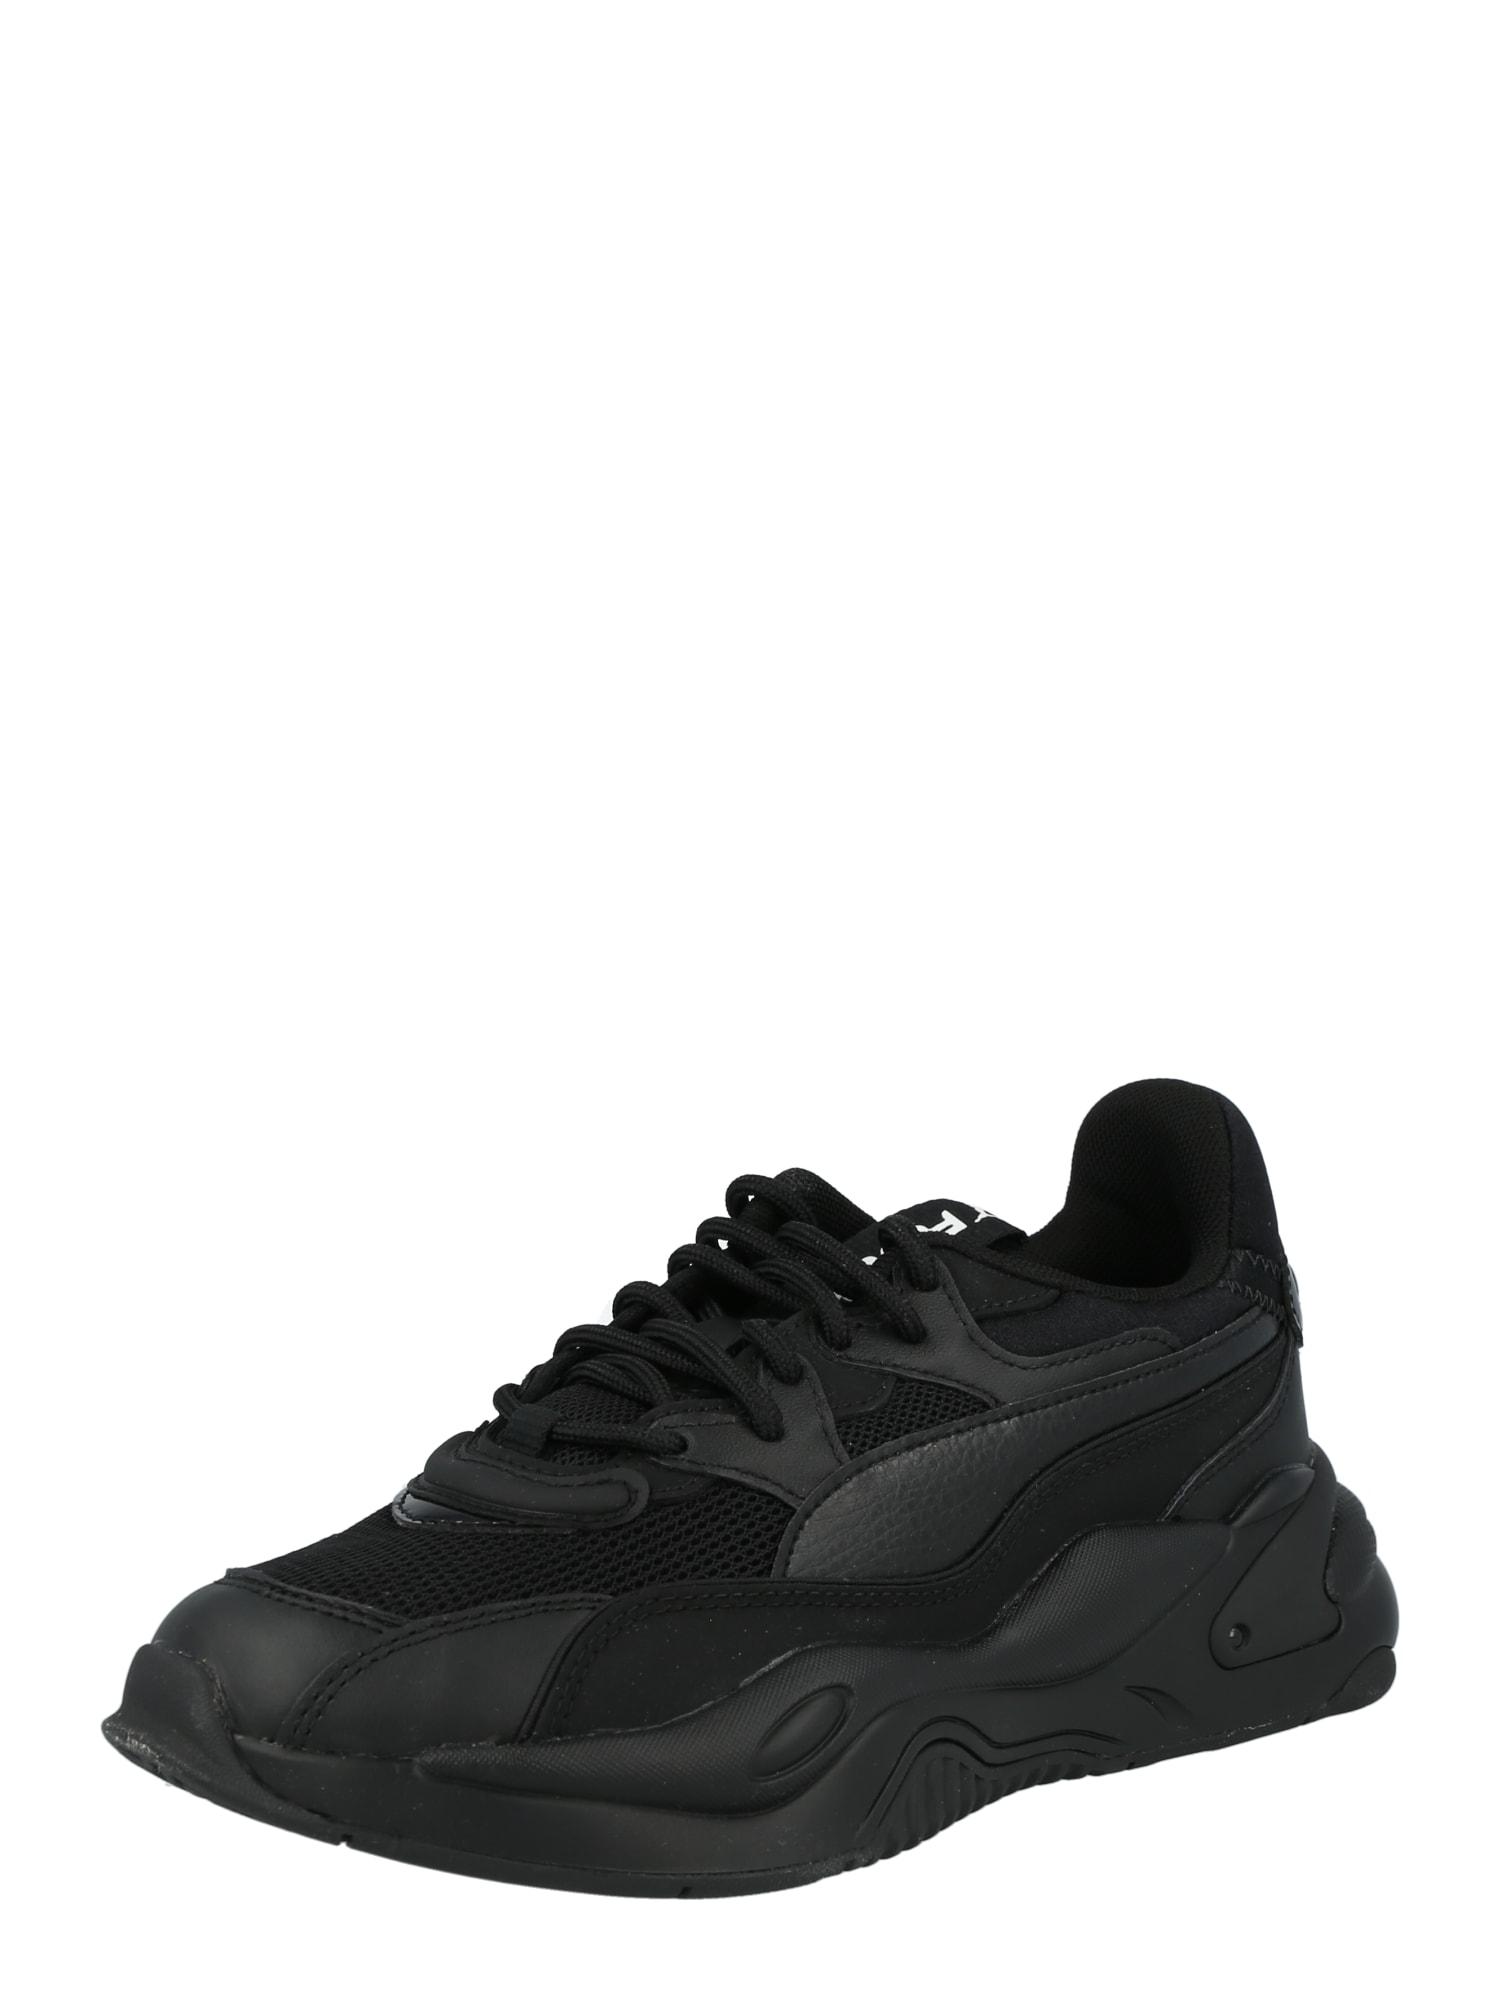 PUMA Sneaker bassa 'RS-2K Core'  nero male shop the look